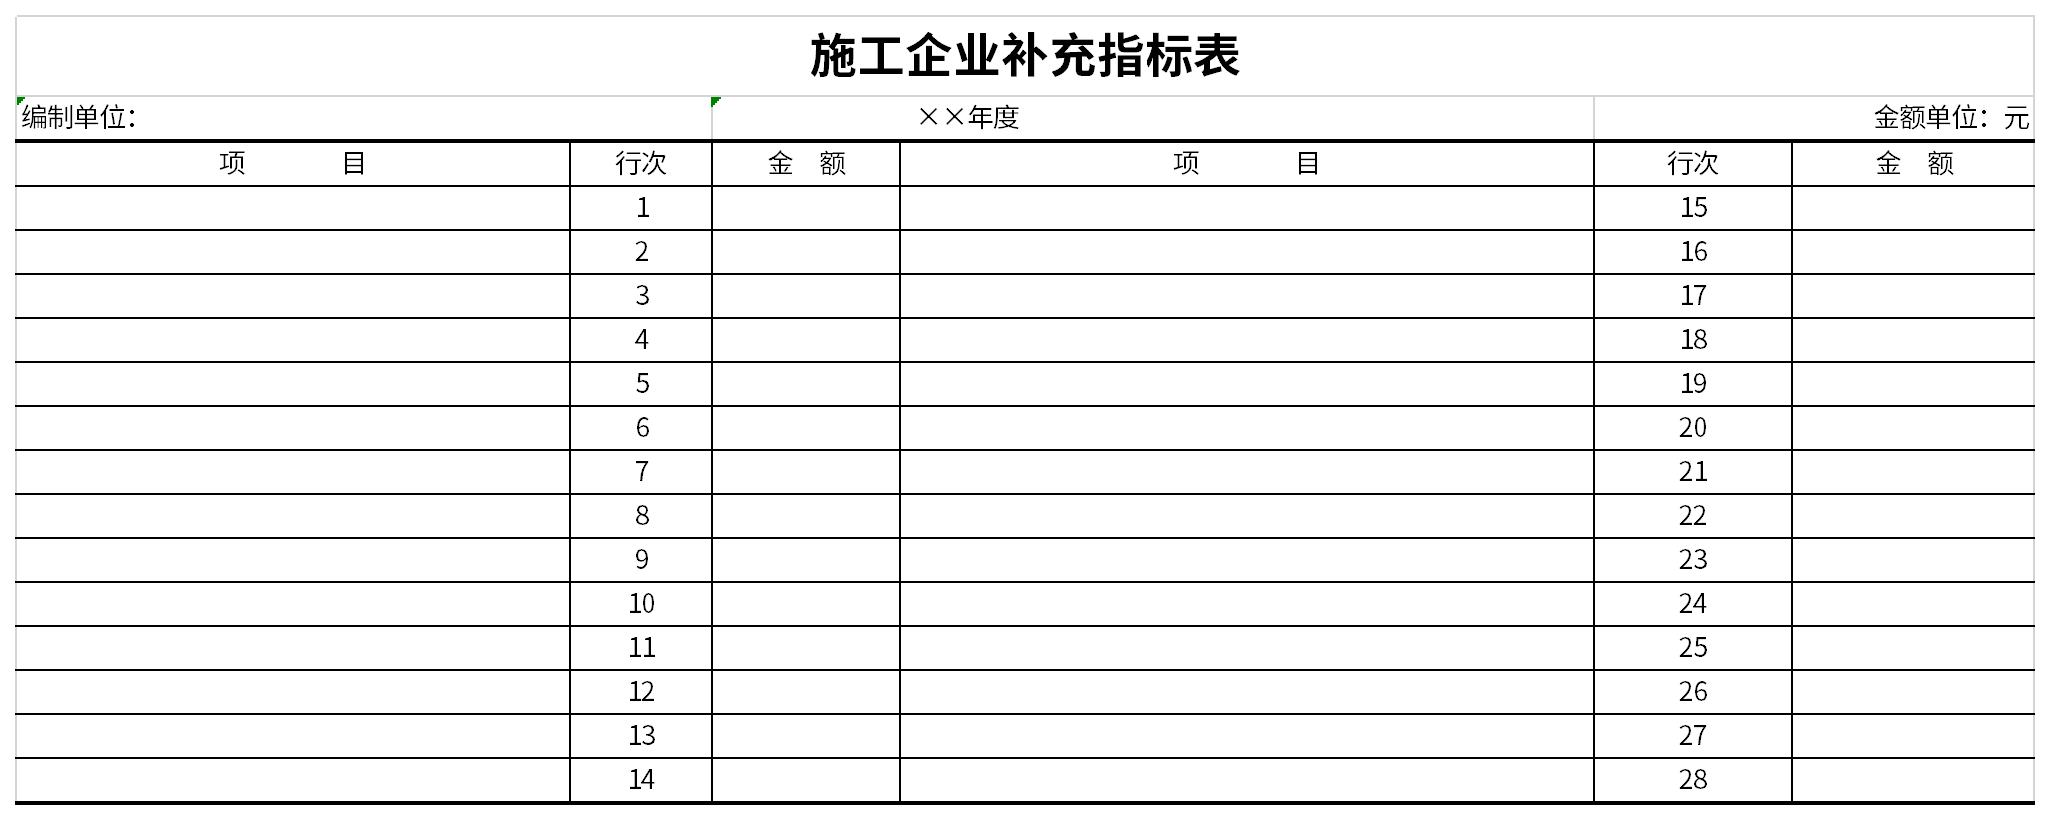 施工企业补充指标表截图